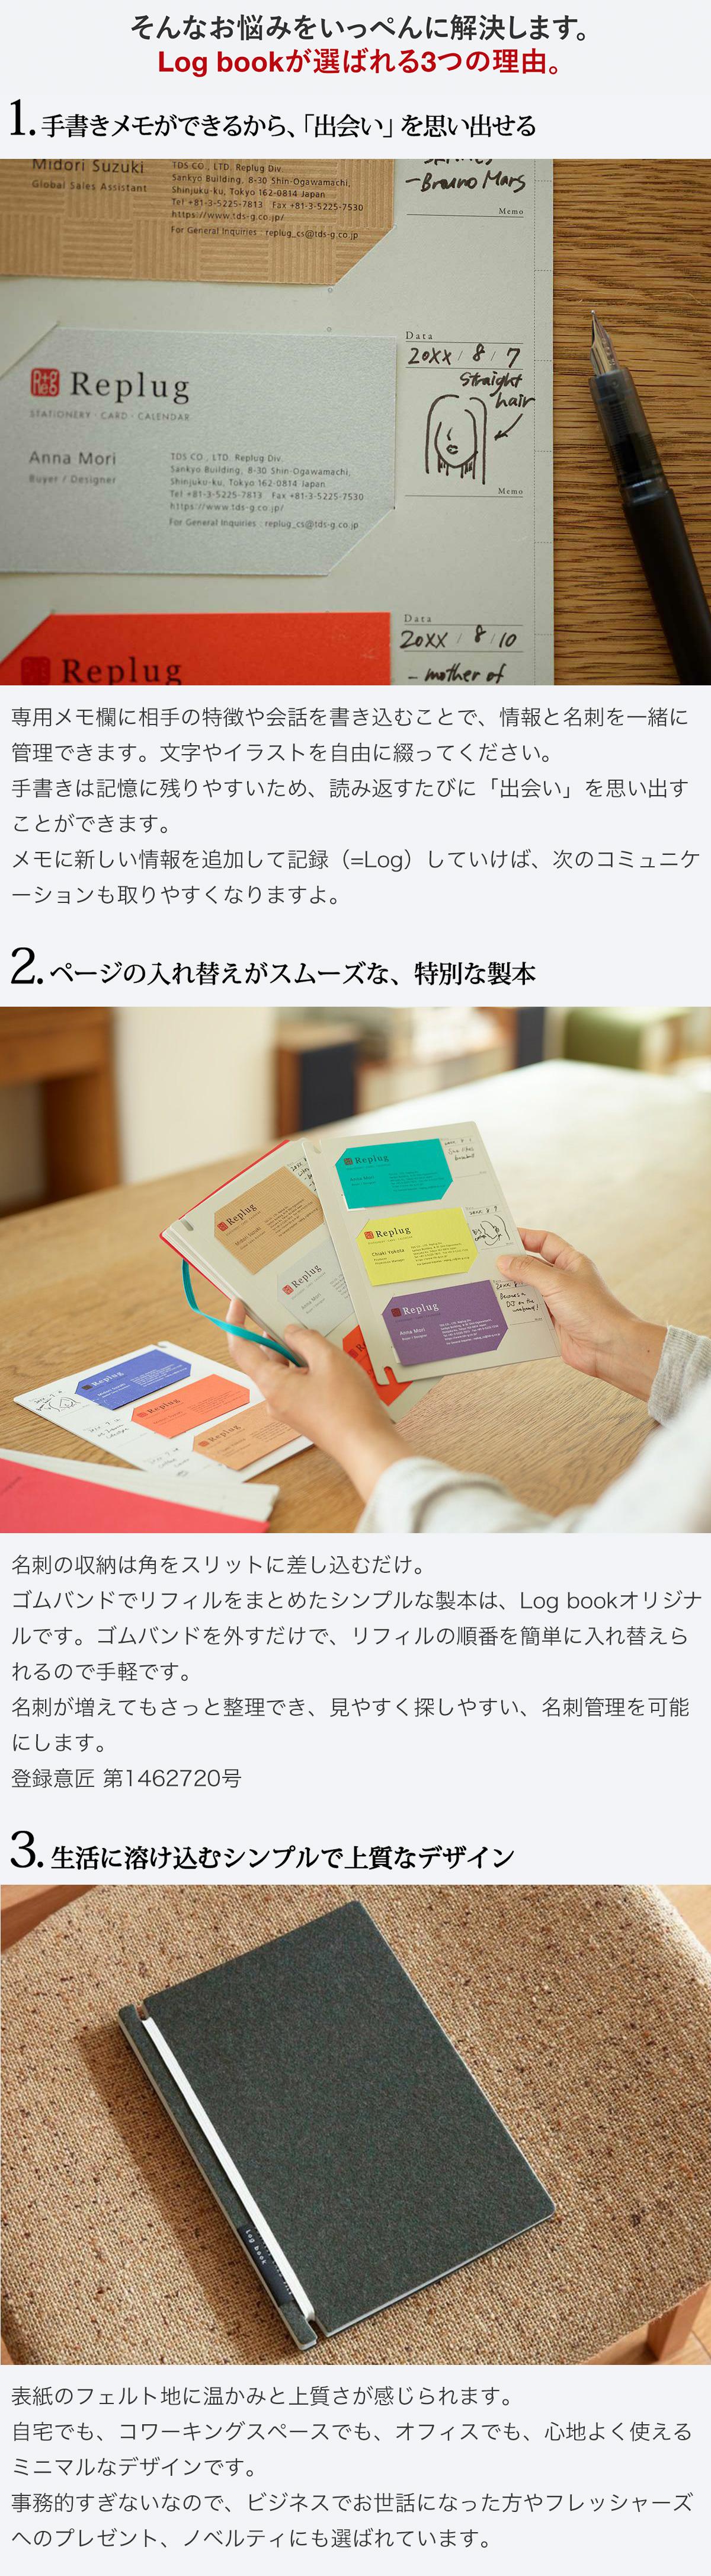 そんなお悩みをいっぺんに解決します。Log bookが選ばれる3つの理由。1.手書きメモができるから「出会い」を思い出せる。専用メモ欄に相手の特徴や会話を書き込むことで、情報と名刺を一緒に管理できます。文字やイラストを自由に綴ってください。手書きは記憶に残りやすいため、読み返すたびに「出会い」を思い出すことができます。メモに新しい情報を追加して記録(=Log)していけば、次のコミュニケーションも取りやすくなりますよ。2.ページの入れ替えがスムーズな、特別な製本。名刺の収納は角をスリットに差し込むだけ。ゴムバンドでリフィルをまとめたシンプルな製本は、Log bookオリジナルです。ゴムバンドを外すだけで、リフィルの順番を簡単に入れ替えられるので手軽です。名刺が増えてもさっと整理でき、見やすく探しやすい、名刺管理を可能にします。登録新案 第3180843号 登録意匠 第1462720号 3.生活に溶け込むシンプルで上質なデザイン。紙製ならではの温かみと上質感を兼ね備えています。 自宅でも、コワーキングスペースでも、オフィスでも、心地よく使えるミニマルなデザインです。事務的すぎないなので、ビジネスでお世話になった方やフレッシャーズへのプレゼント、ノベルティにも選ばれています。